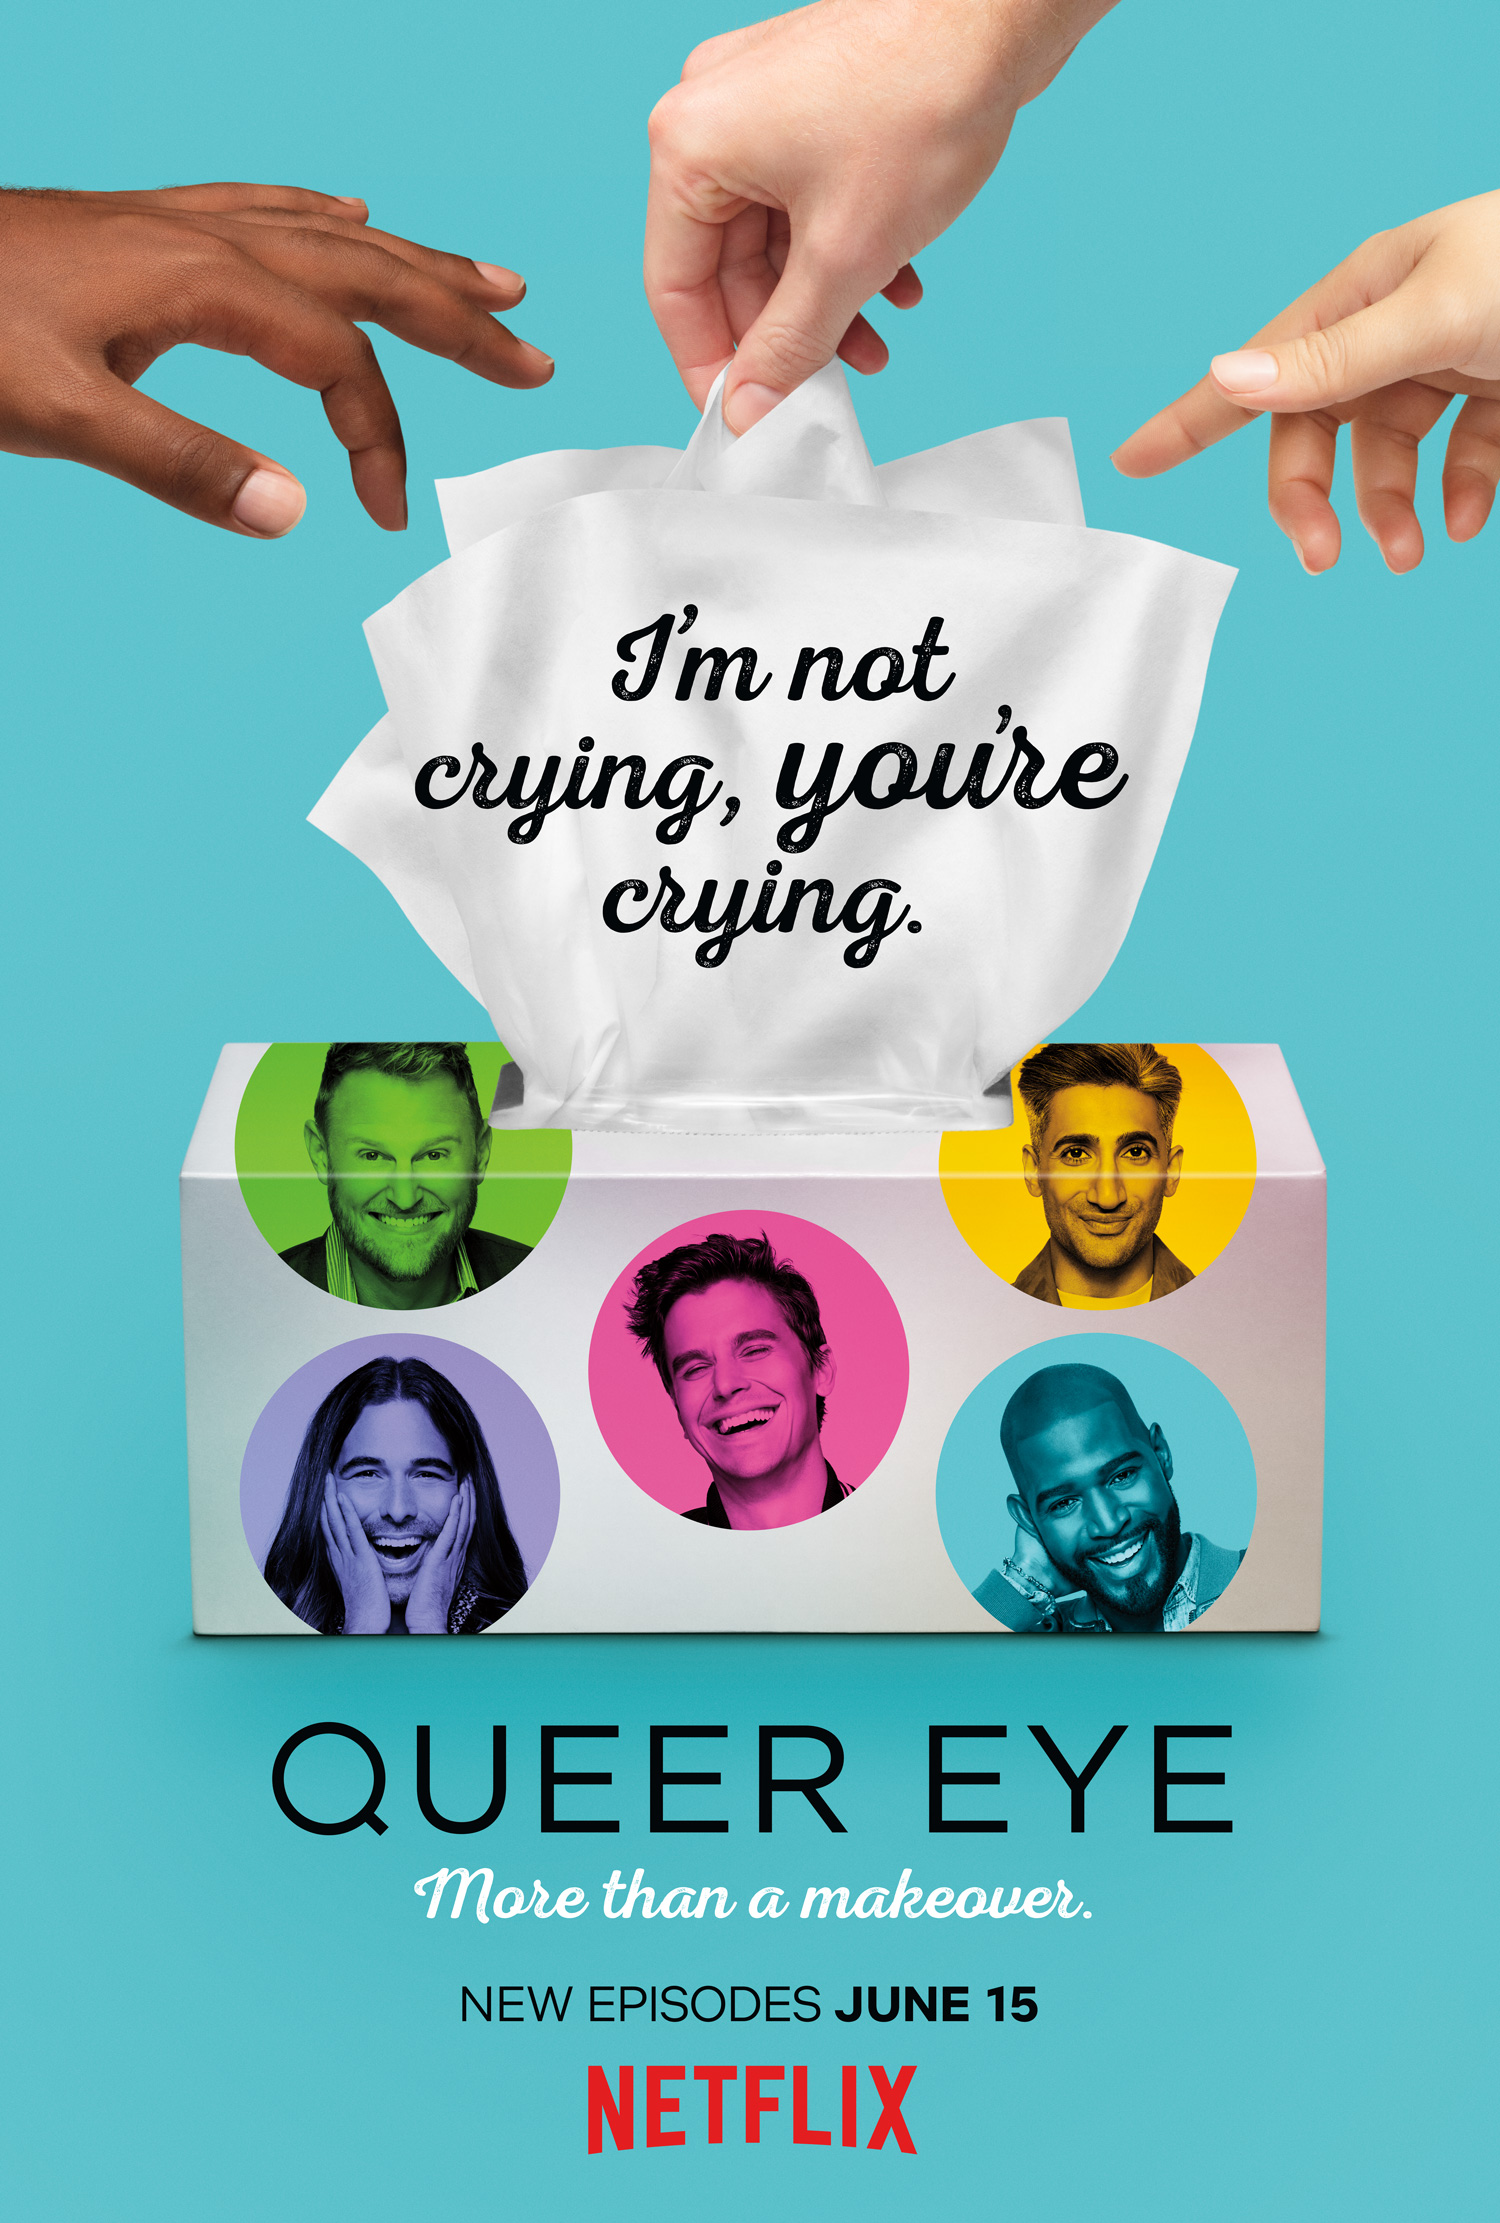 najlepszy poprawiacz nastroju na netflixie, queer eye